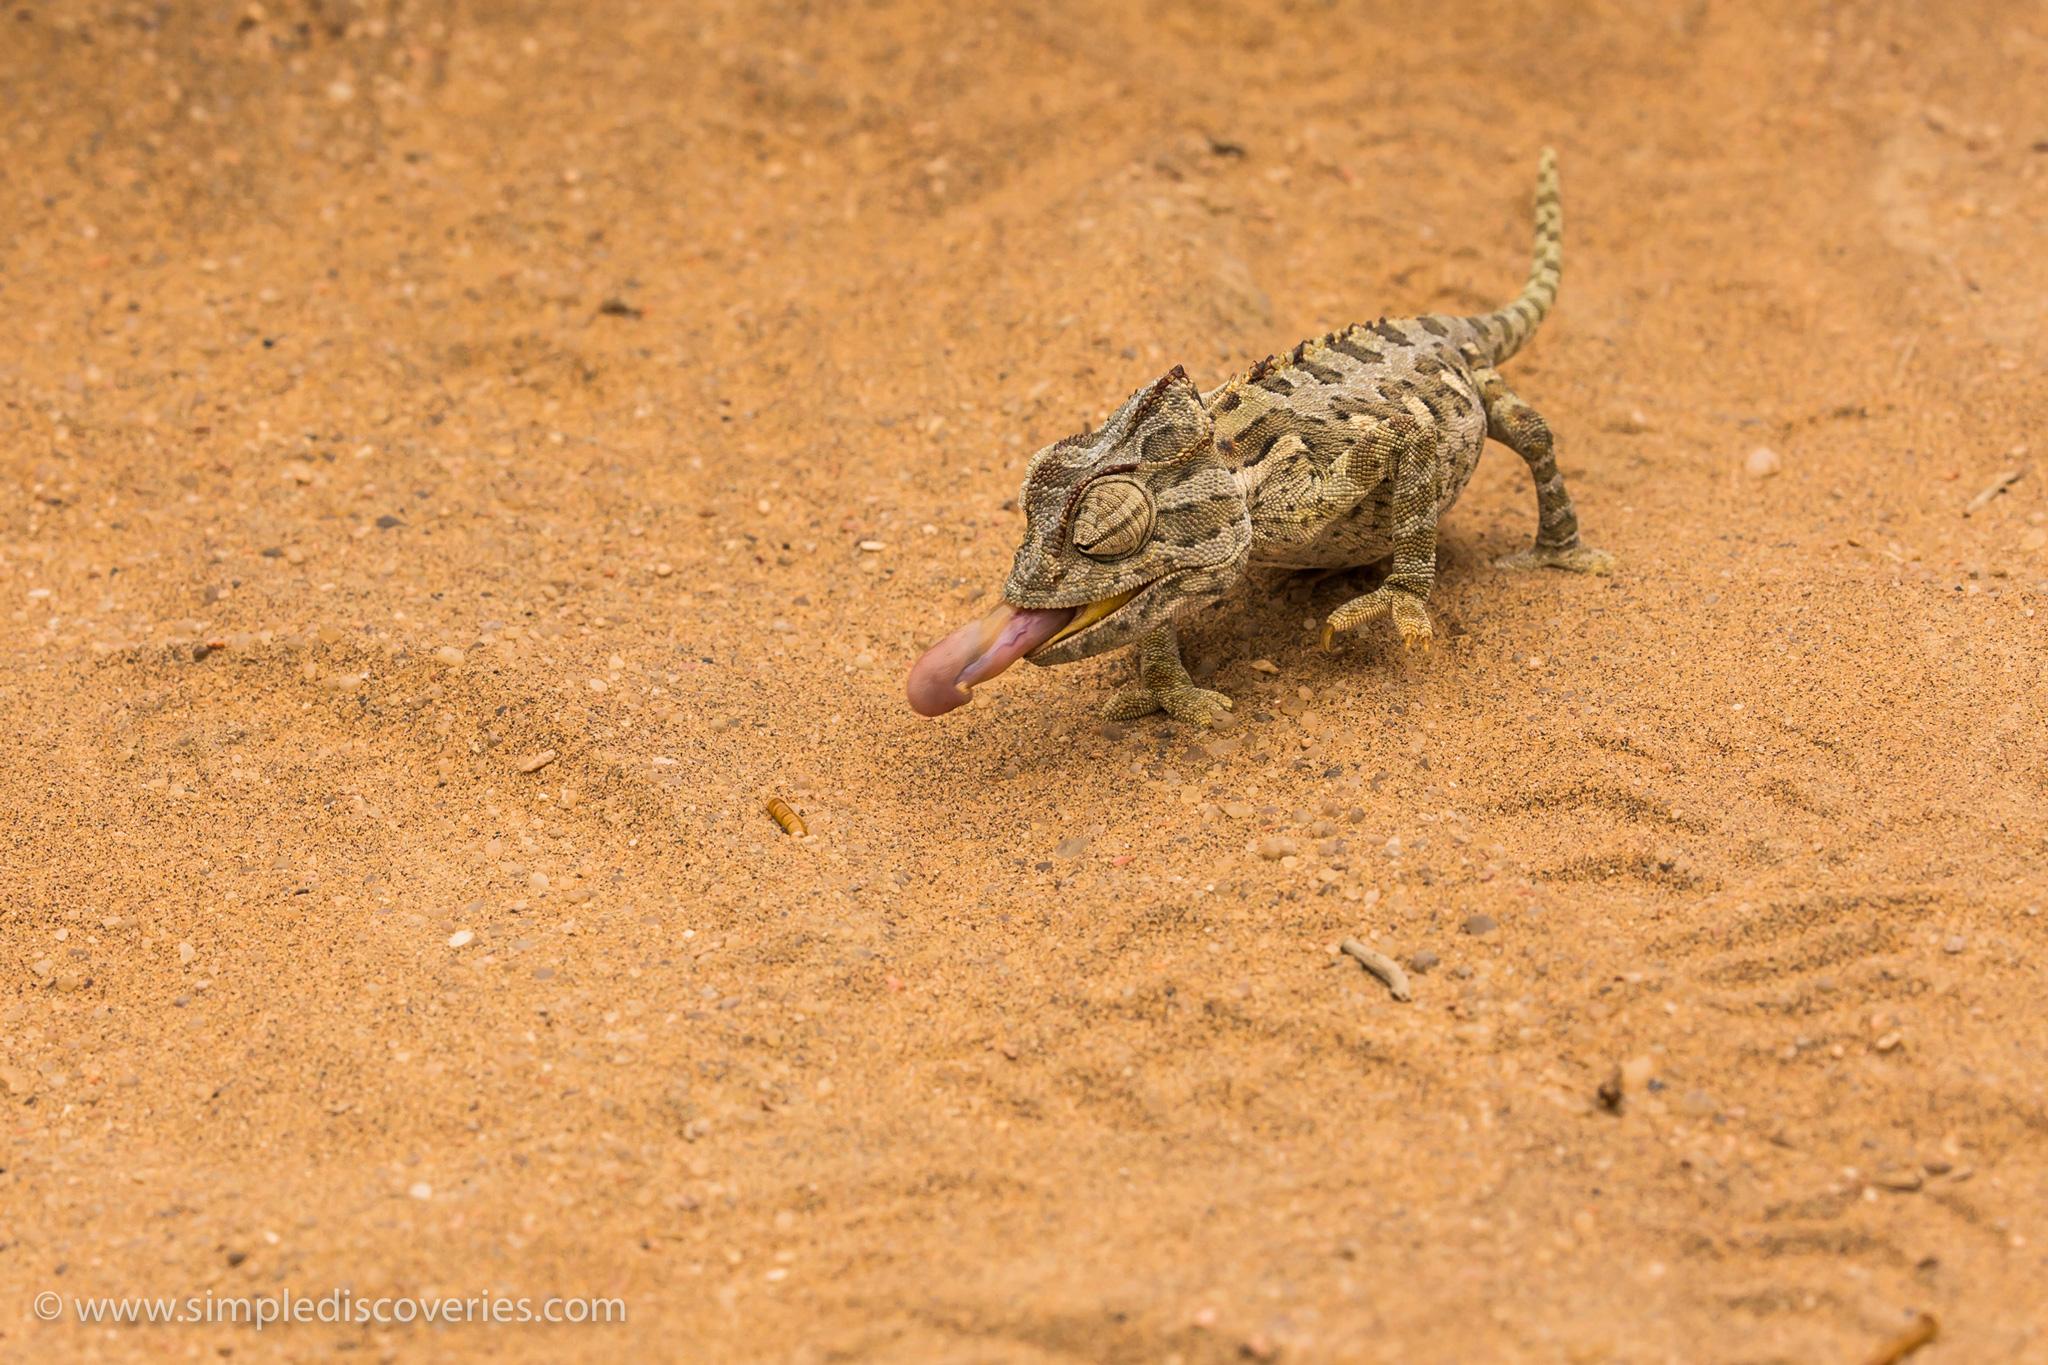 namibia_desert_chameleon